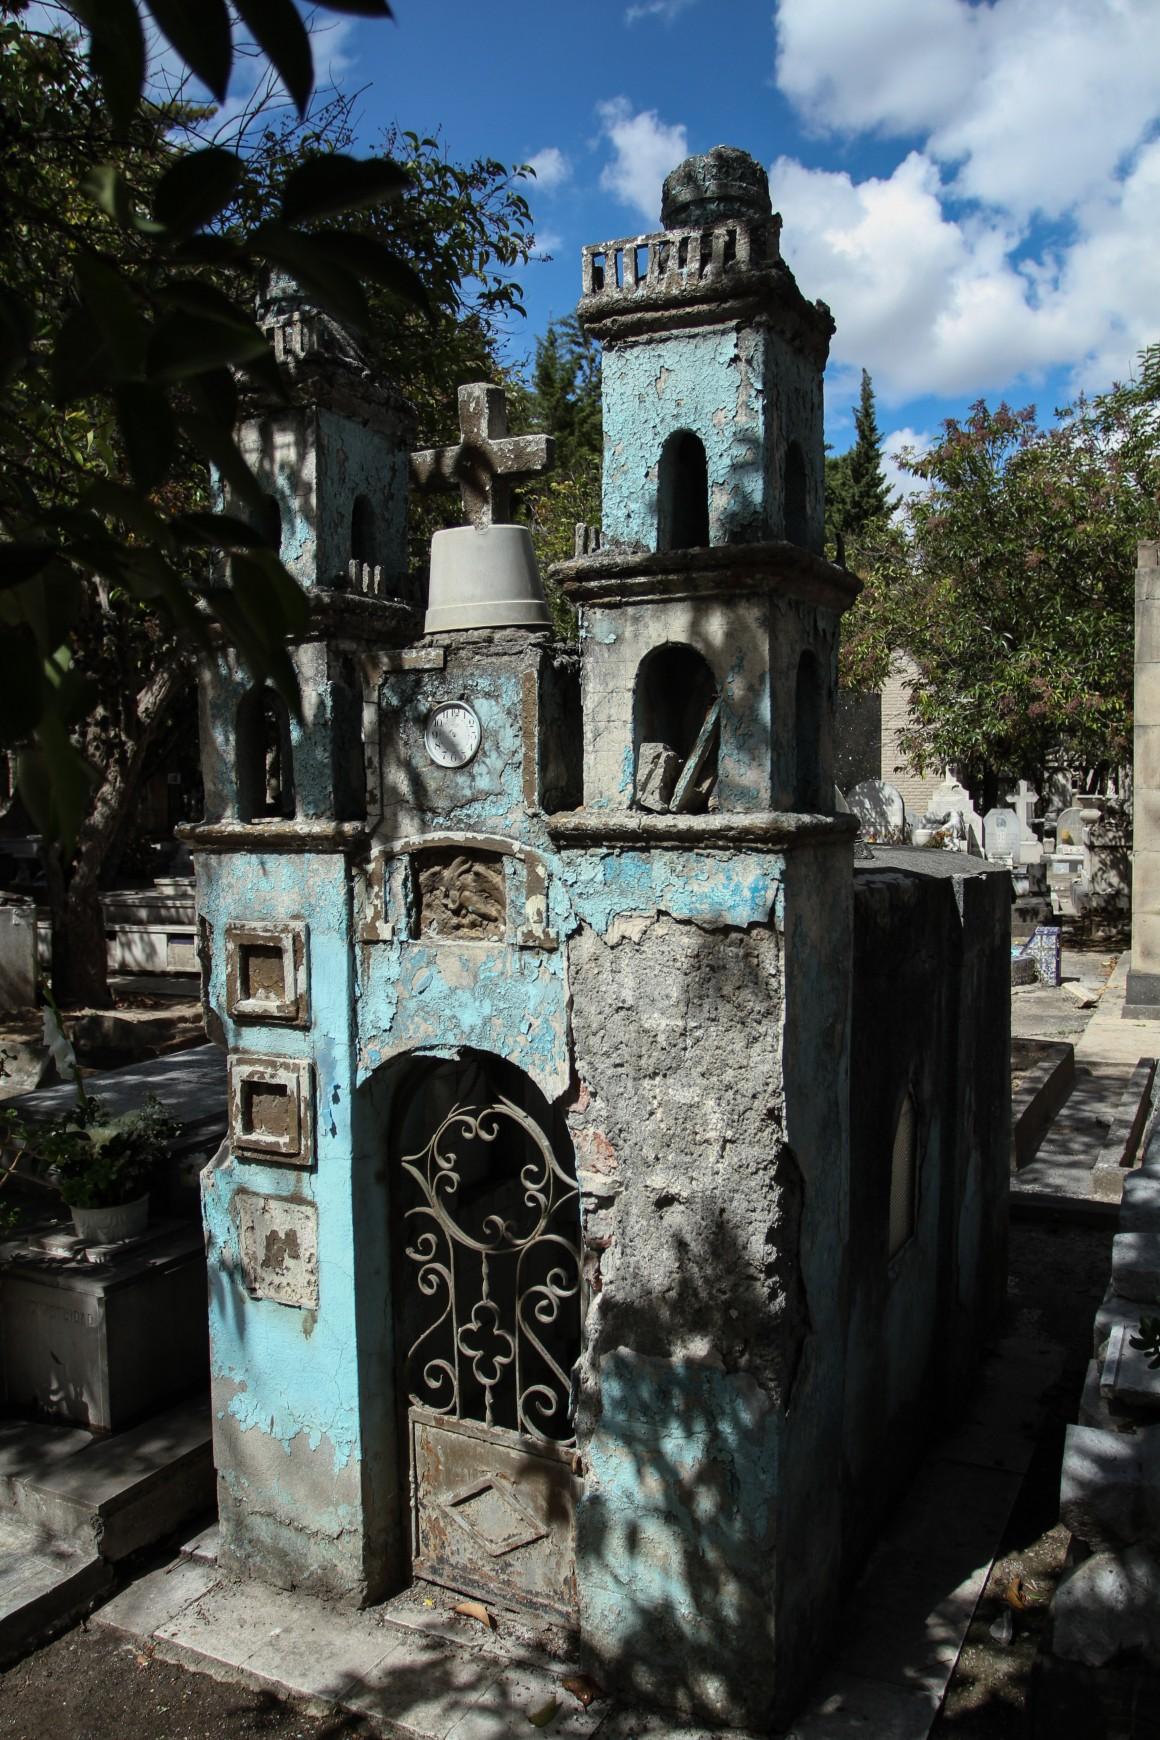 MÉXICO, D.F., 02NOVIEMBRE2015.- No todos los muertos son recordados en estas fiestas populares. El panteón Francés de la Piedad es un panteón de estilo gótico y neoclásico, cuanta con mas de un centenar de personajes destacados, muchos de ellos militares que descansan en sus tierras, y no por eso es de los panteones más visitados en la ciudad, por el contrario se encuentra en condiciones precarias y abandono en mas del 70 % de sus tumbas. FOTO: ISABEL MATEOS /CUARTOSCURO.COM